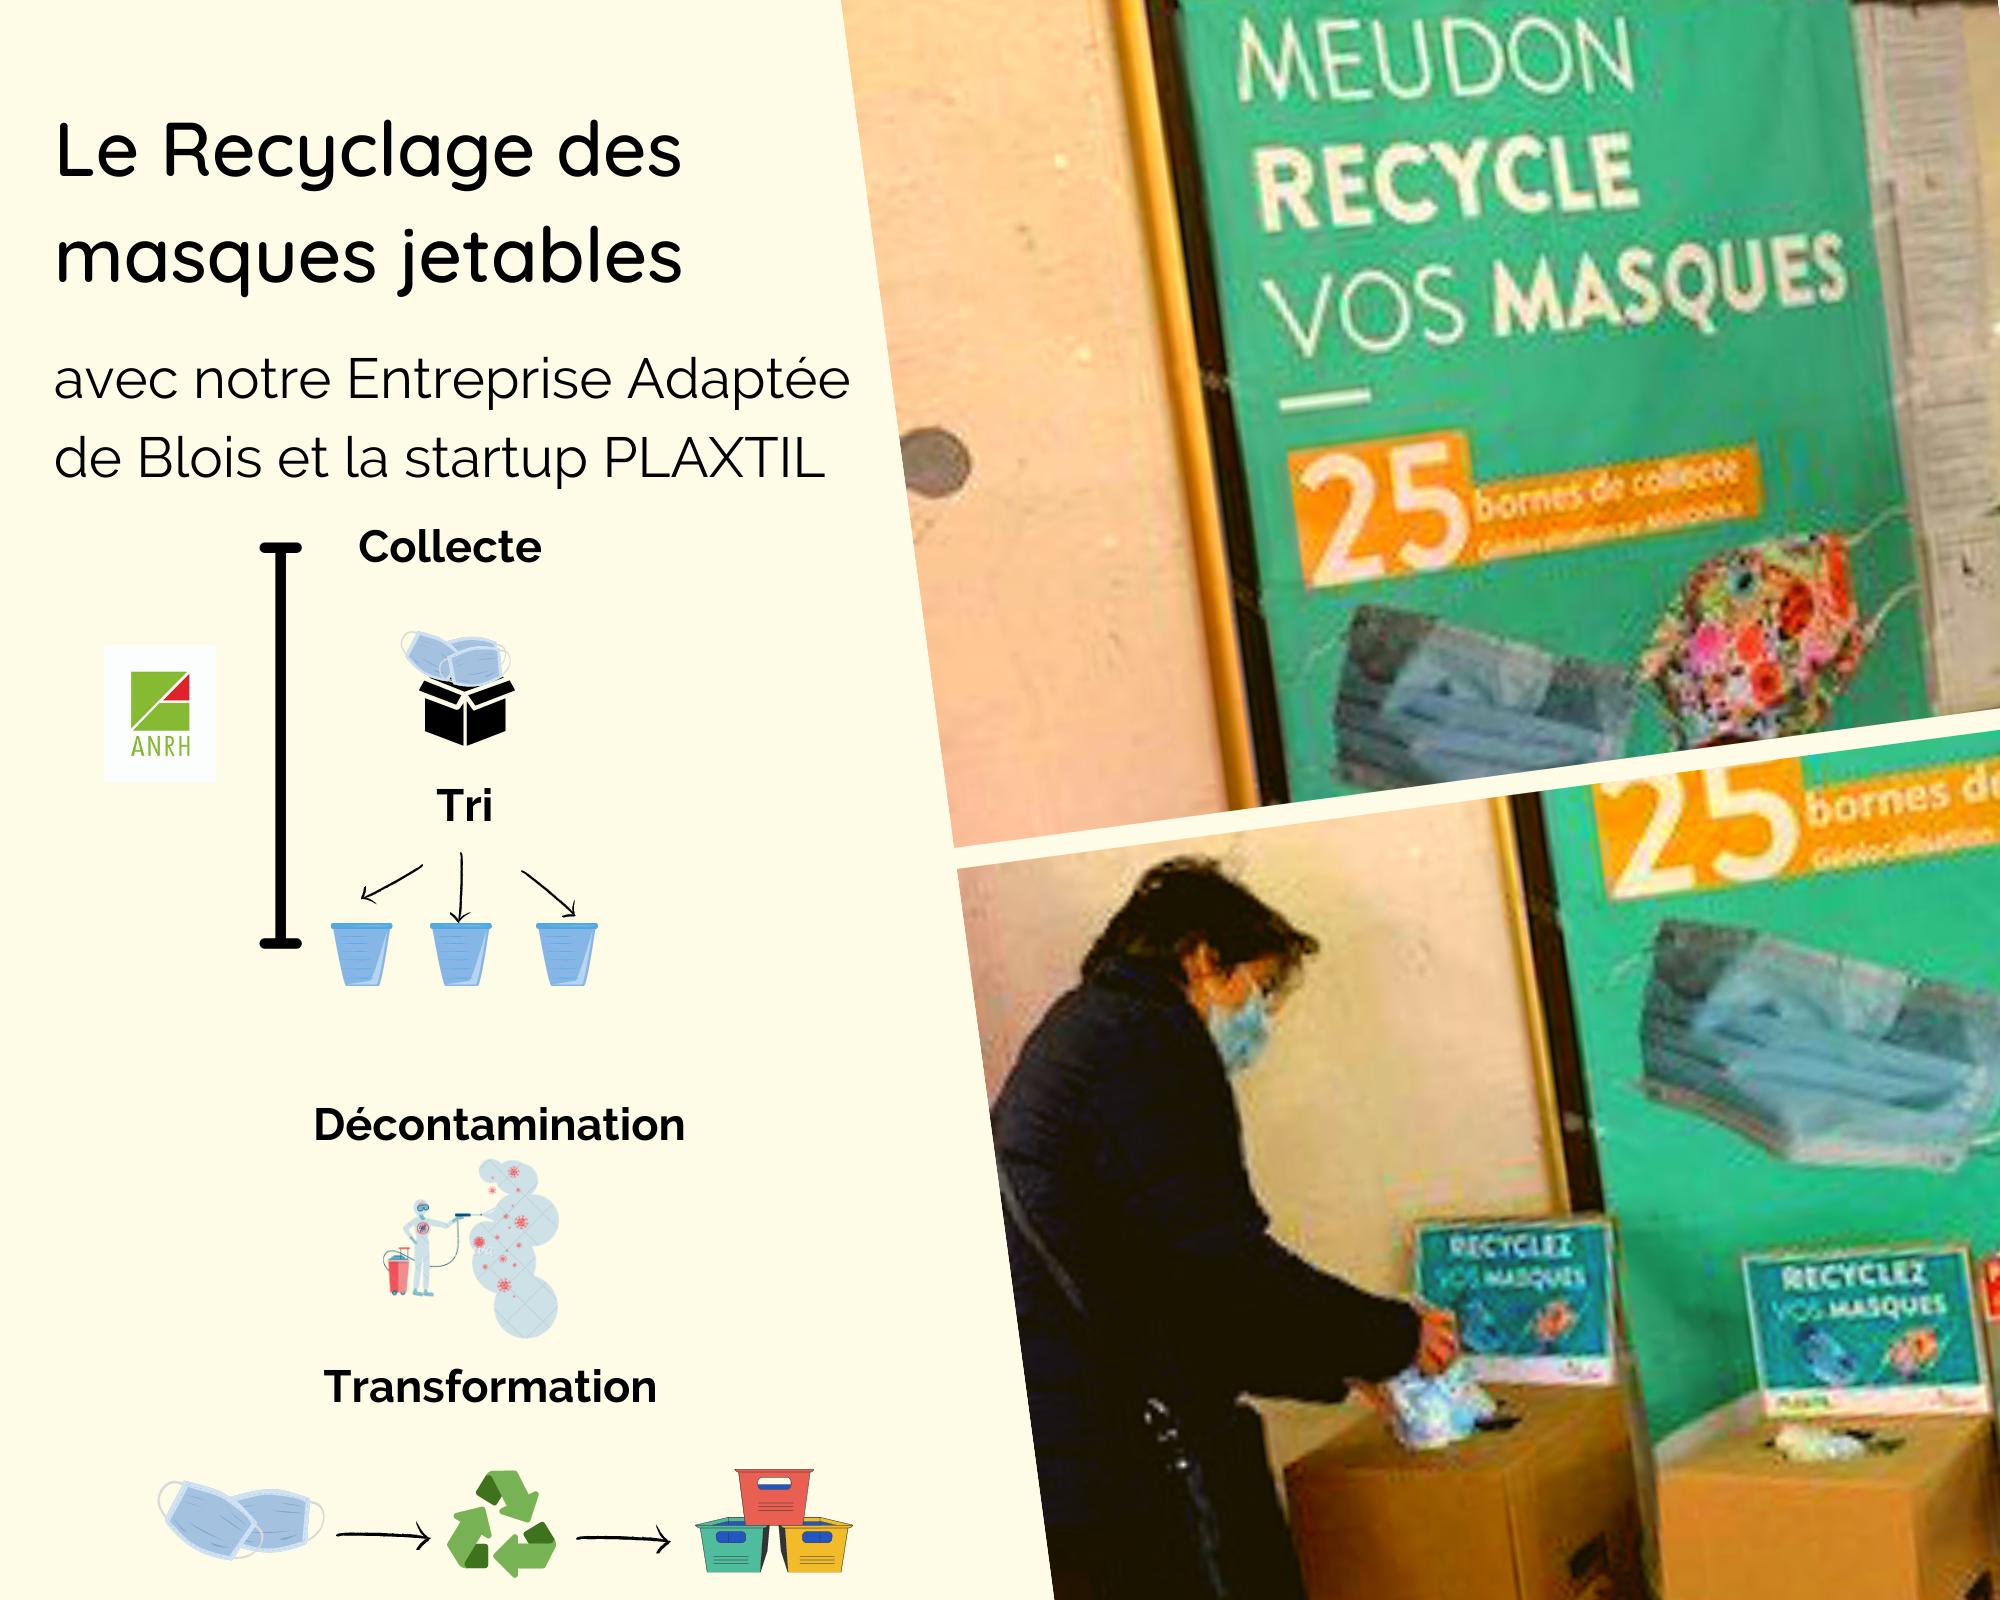 Partenariat Entreprise Adaptée Blois et Plaxtil pour recyclage des masques jetables